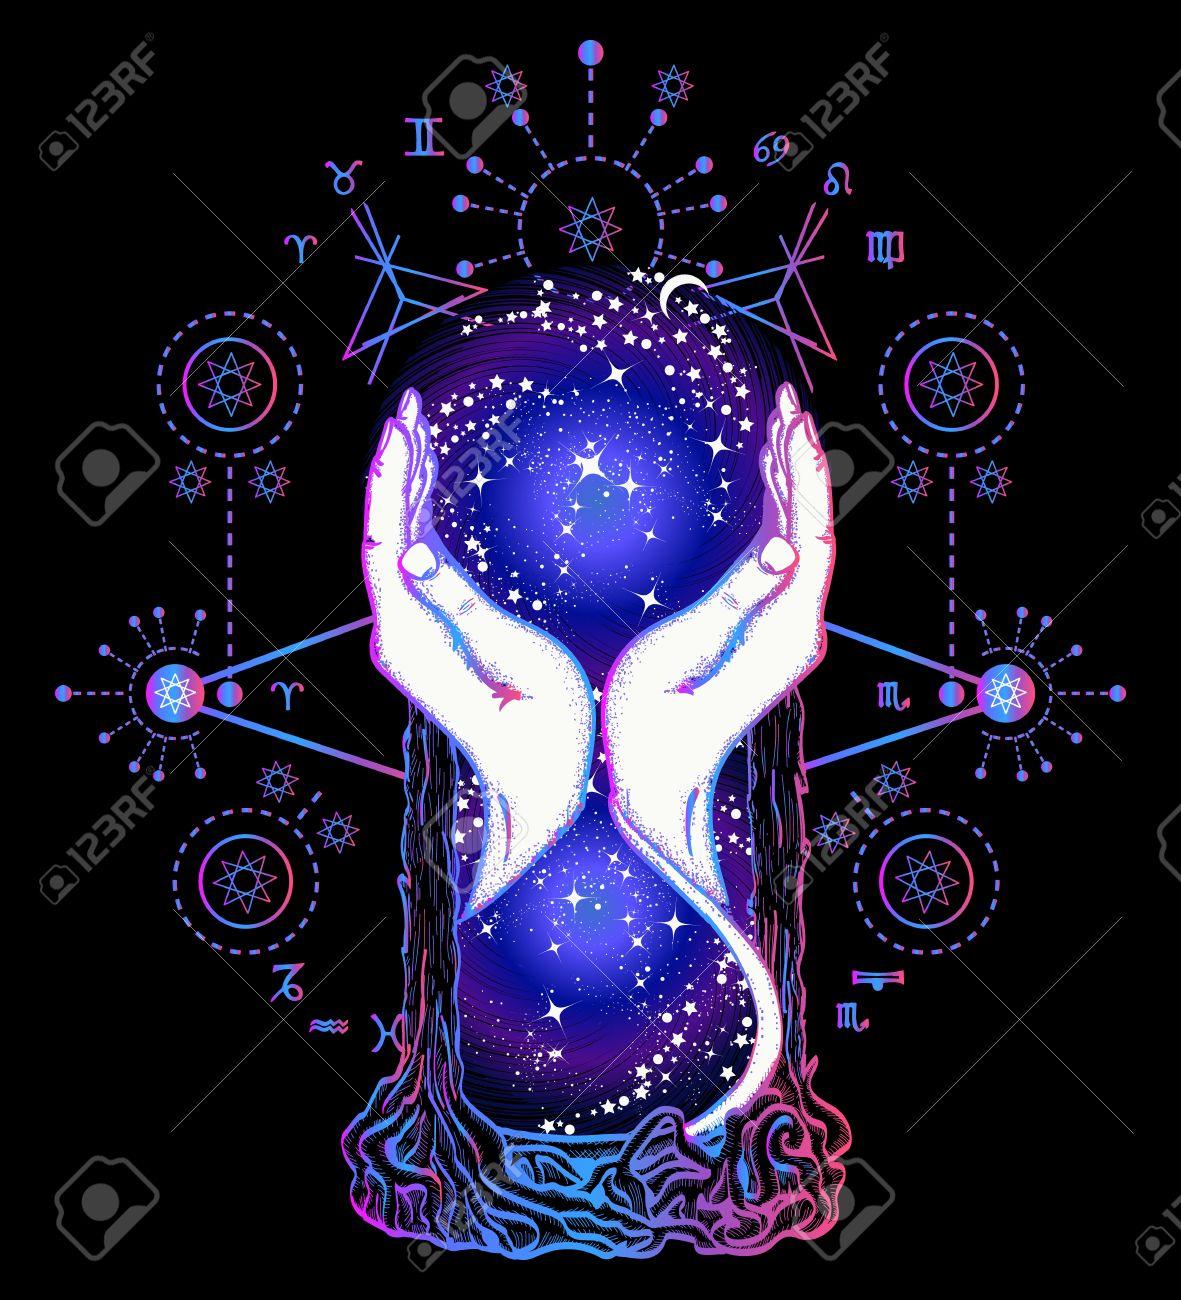 Tatouage De Sabliers Espace Magique Notion De Temps Symbole